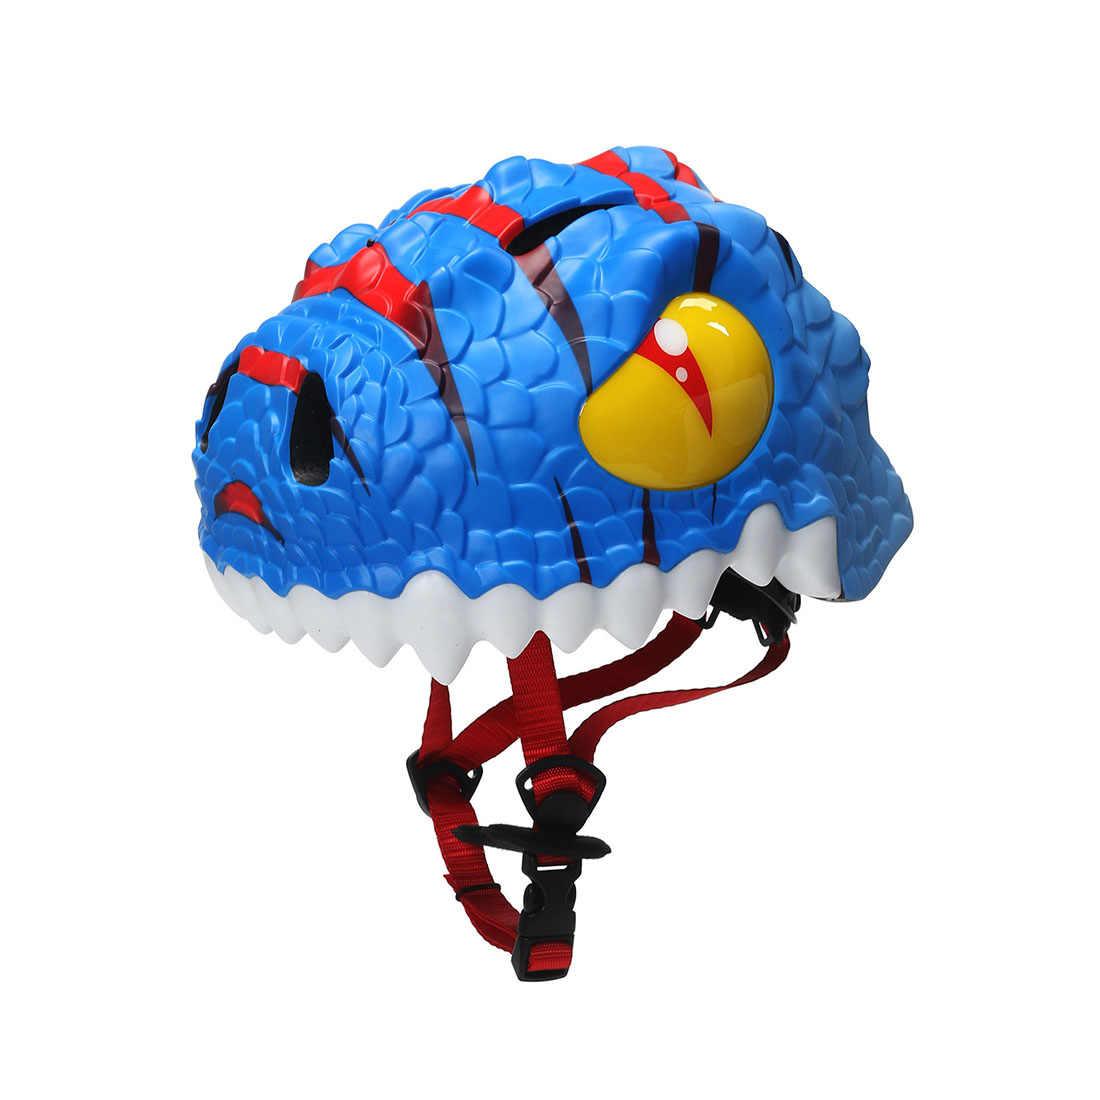 2019 Новый Популярный 3D Динозавр Детский спортивный защитный шлем Регулируемый защитный шлем-синий/черный/красный